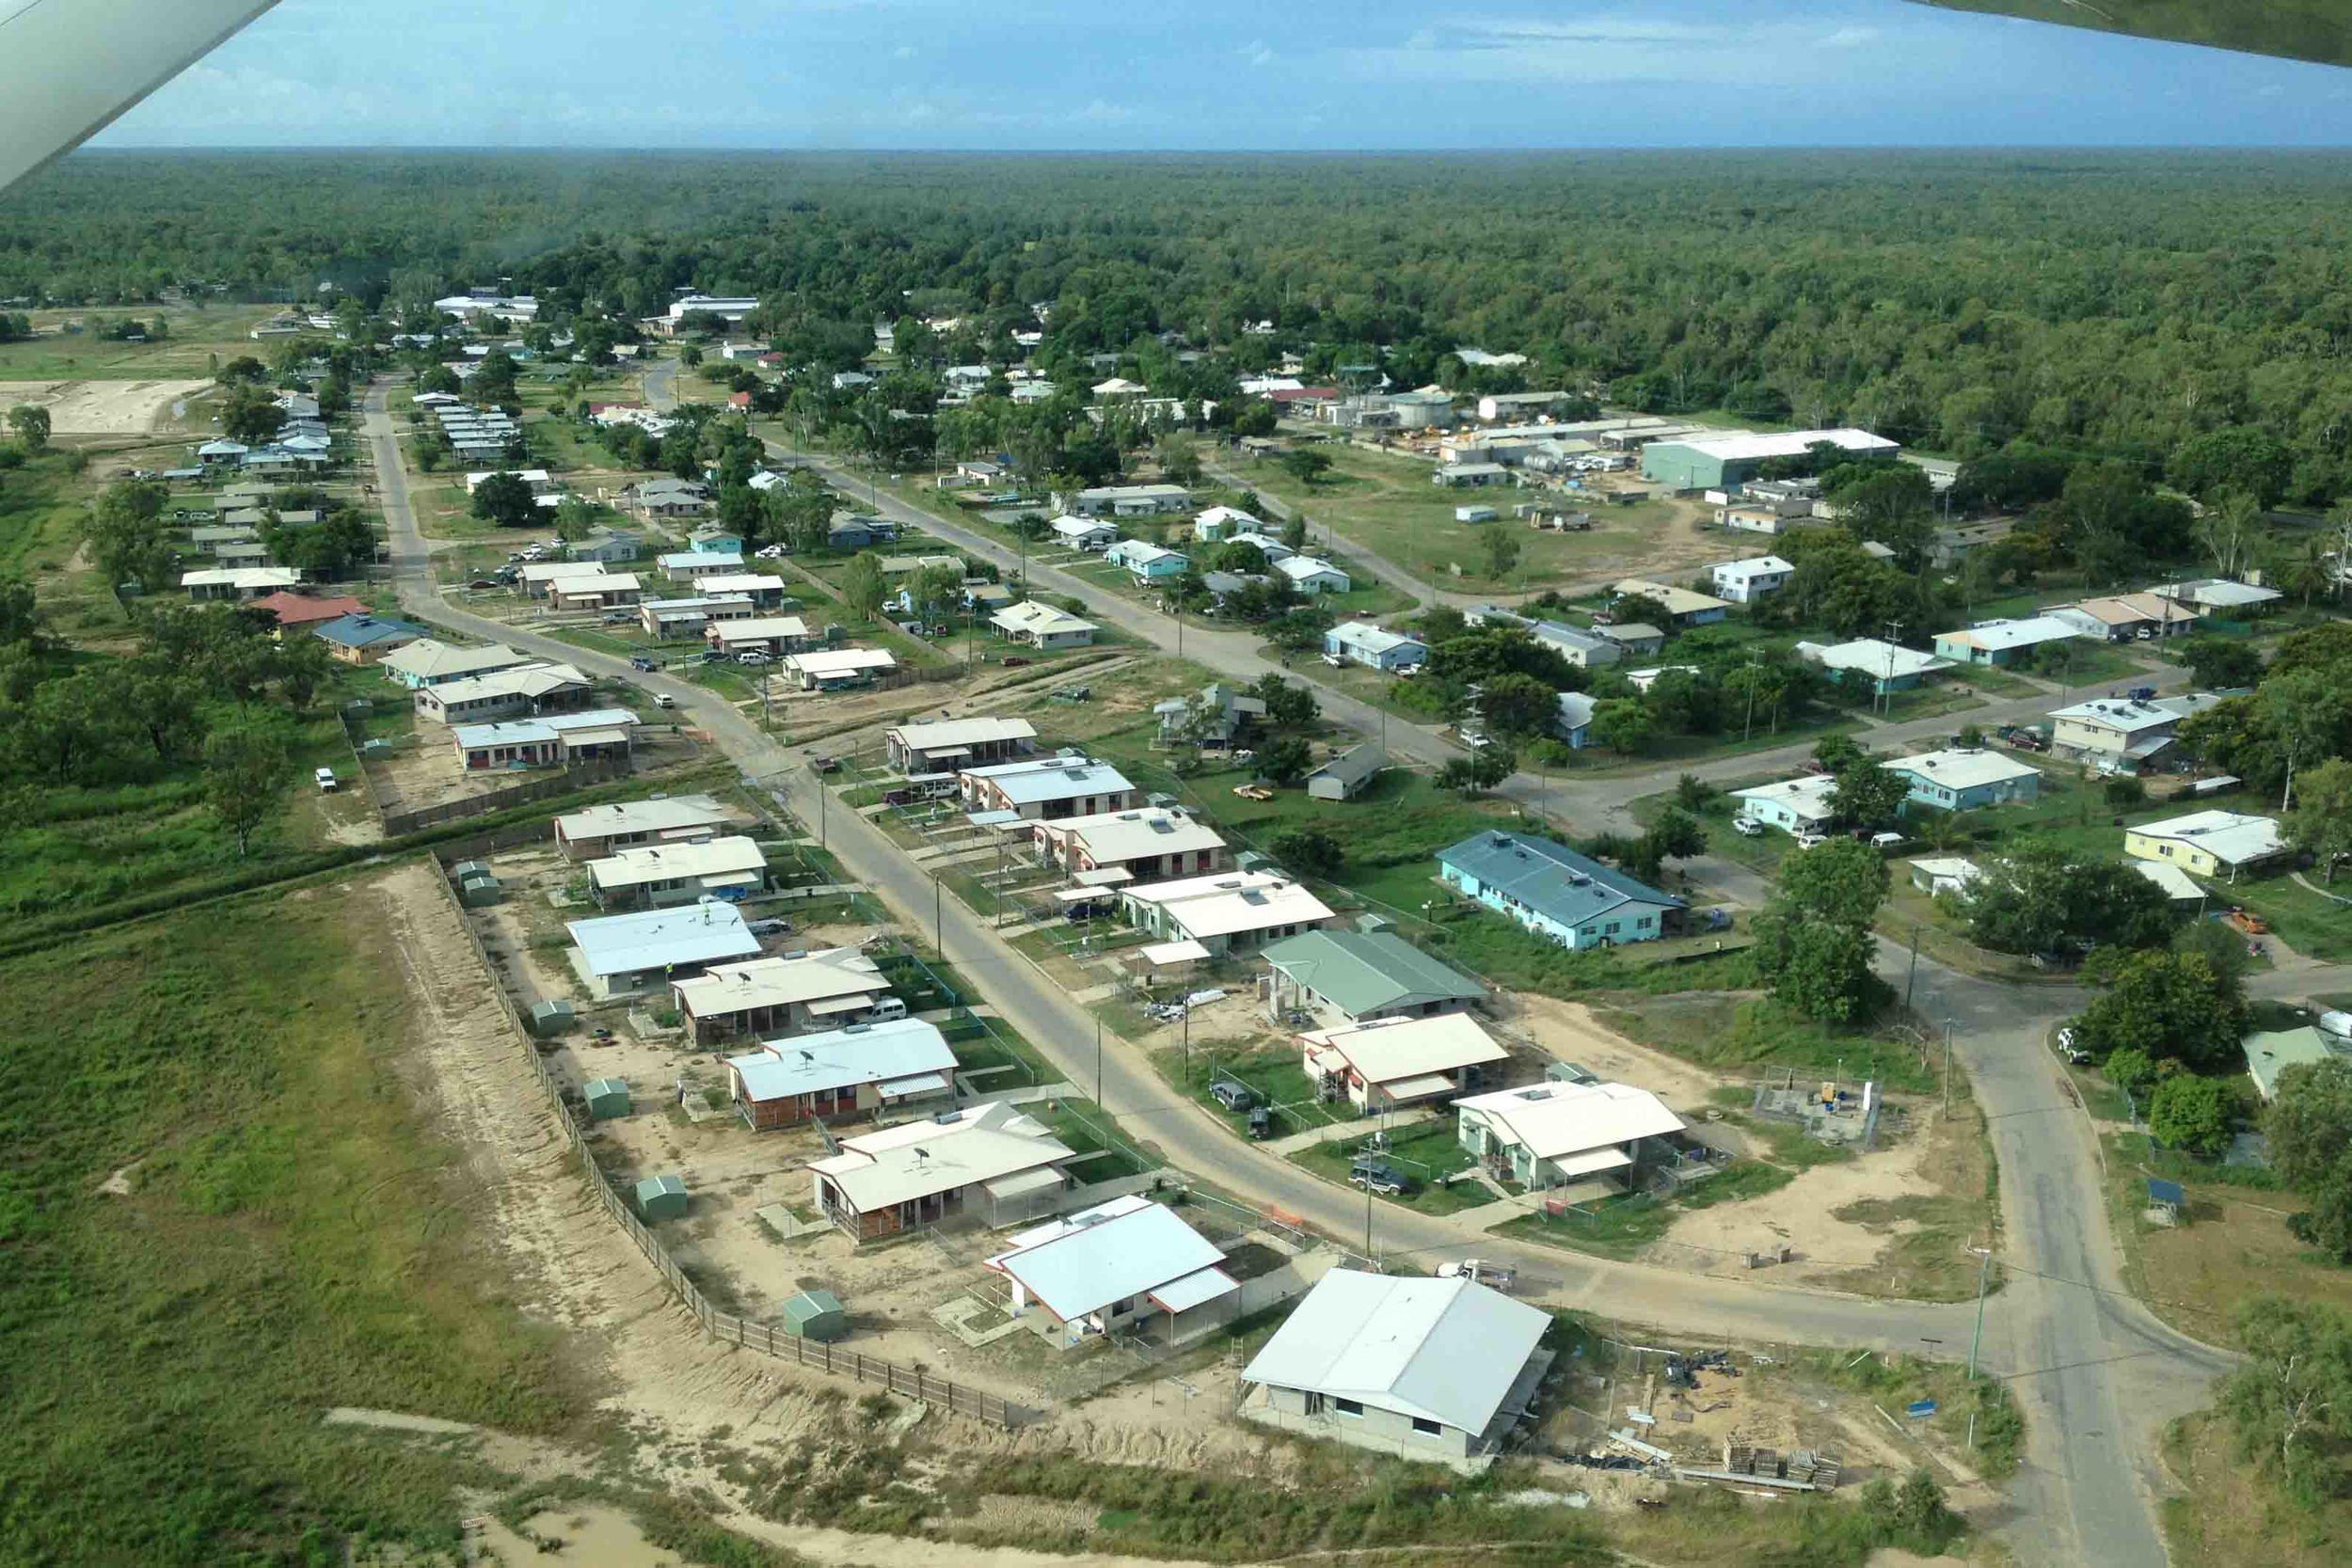 Kowanyama community: population about 1200